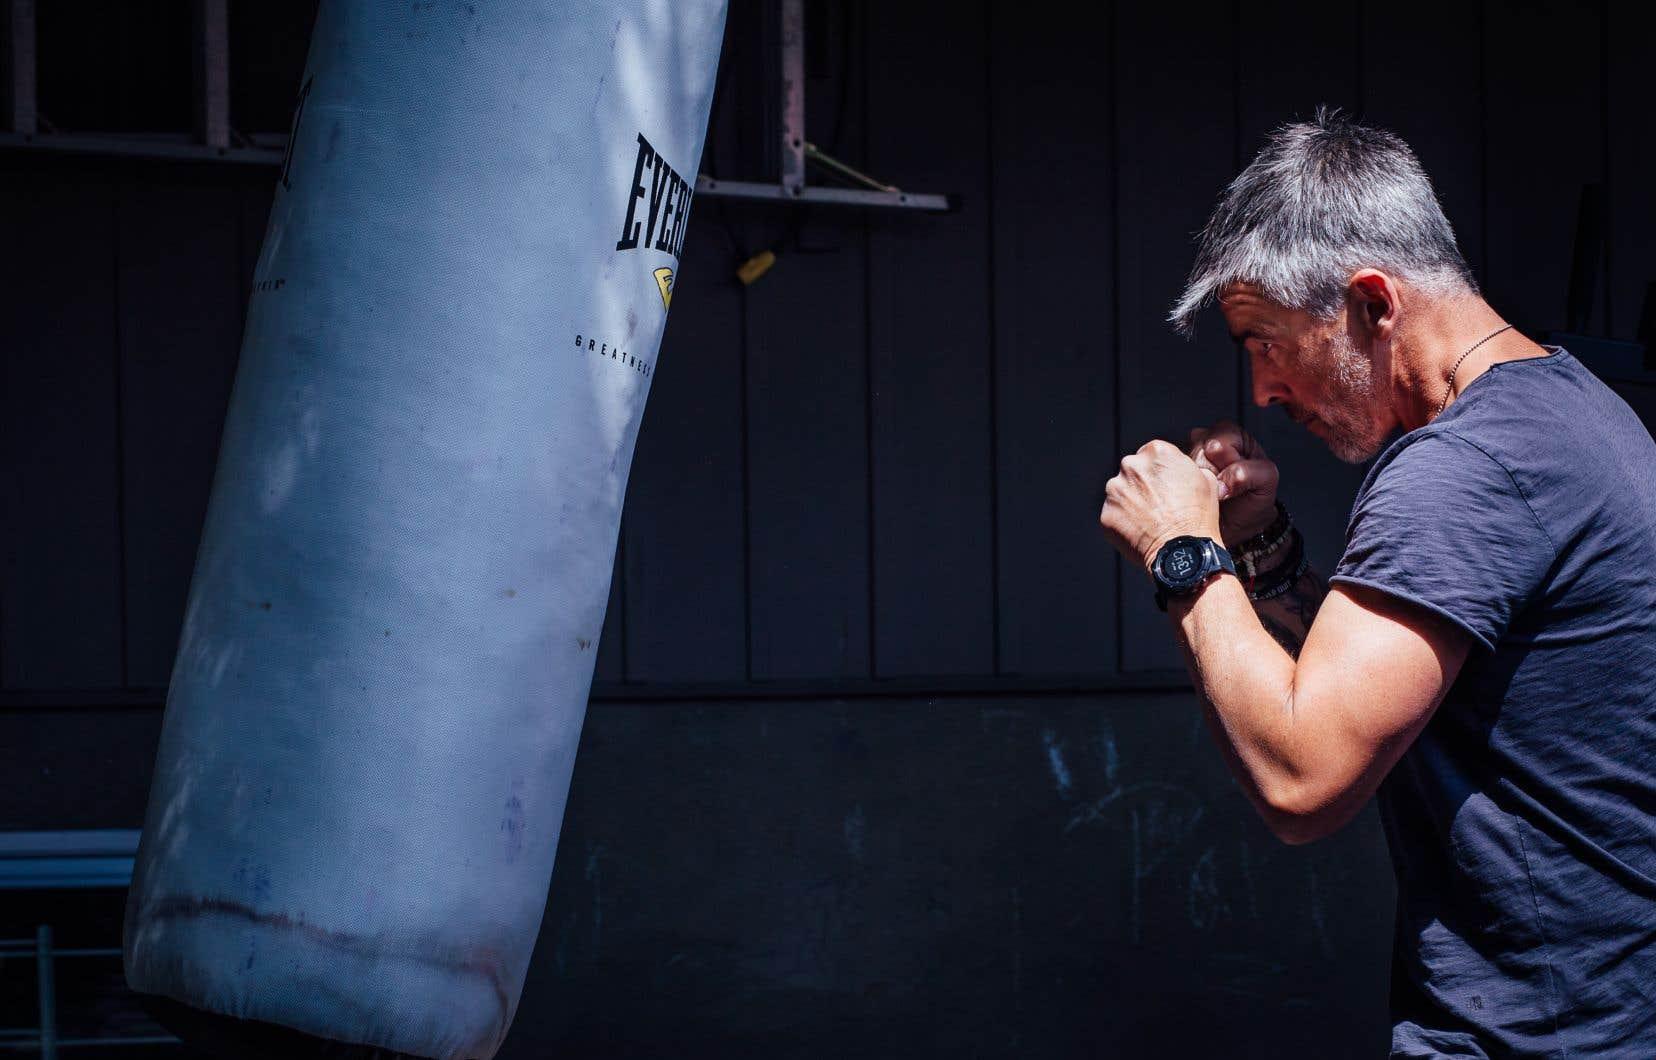 Le comédien Patrice Godin est devenu friand de course à pied après son entraînement intense à la boxe pour la série «Le 7e round».